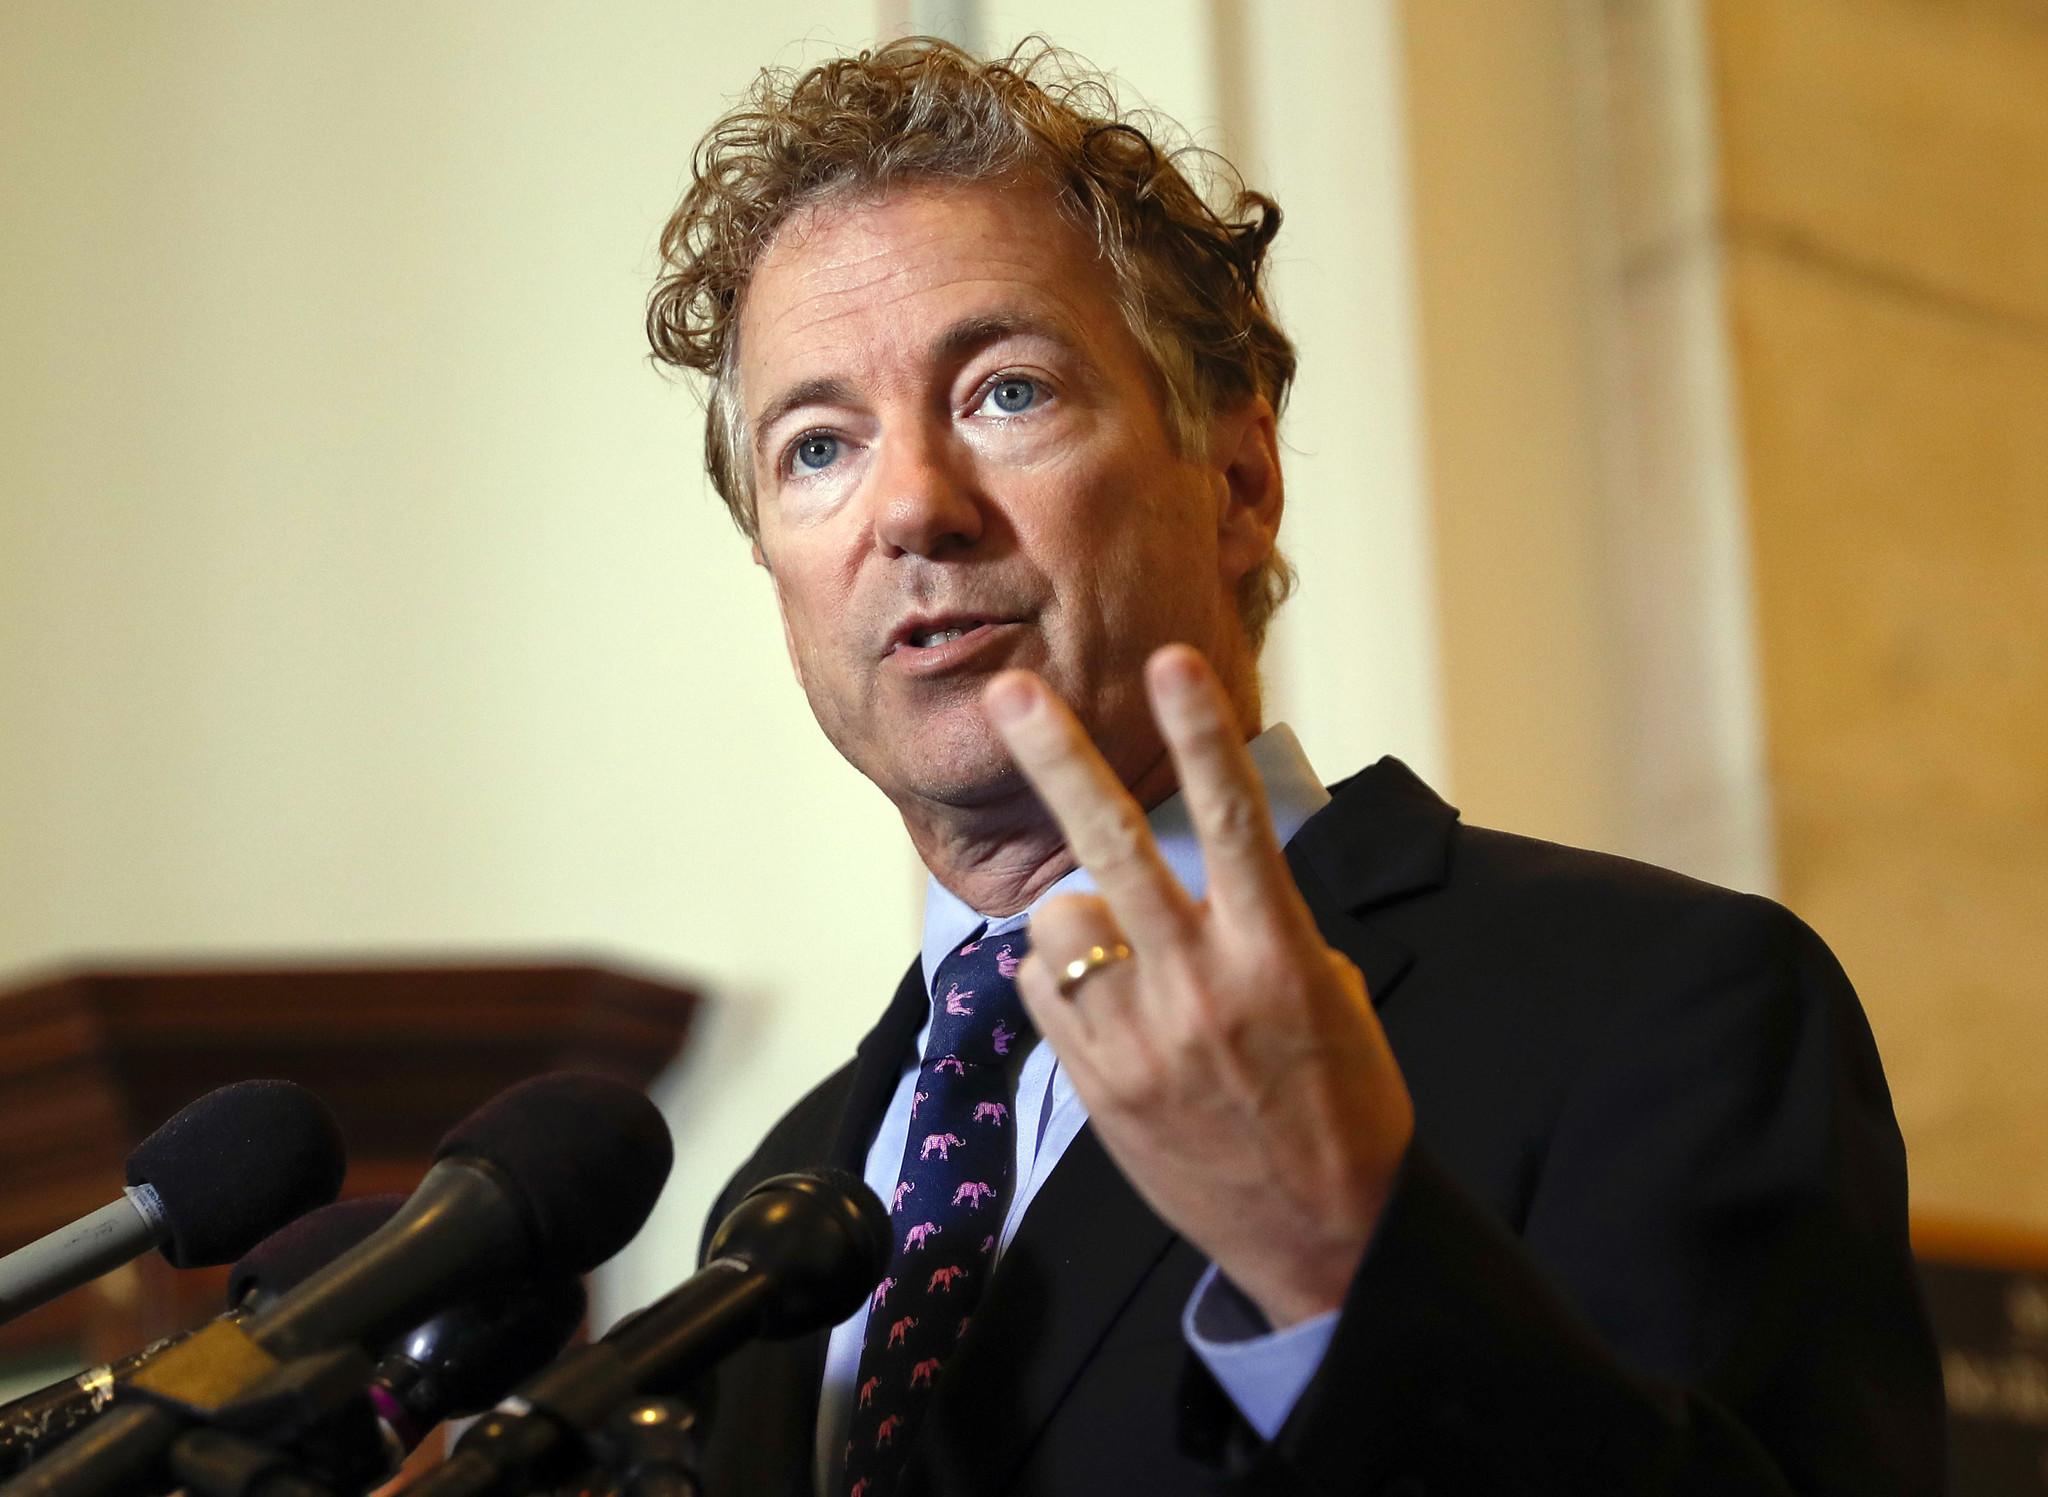 Sen. Rand Paul returns to Washington following assault